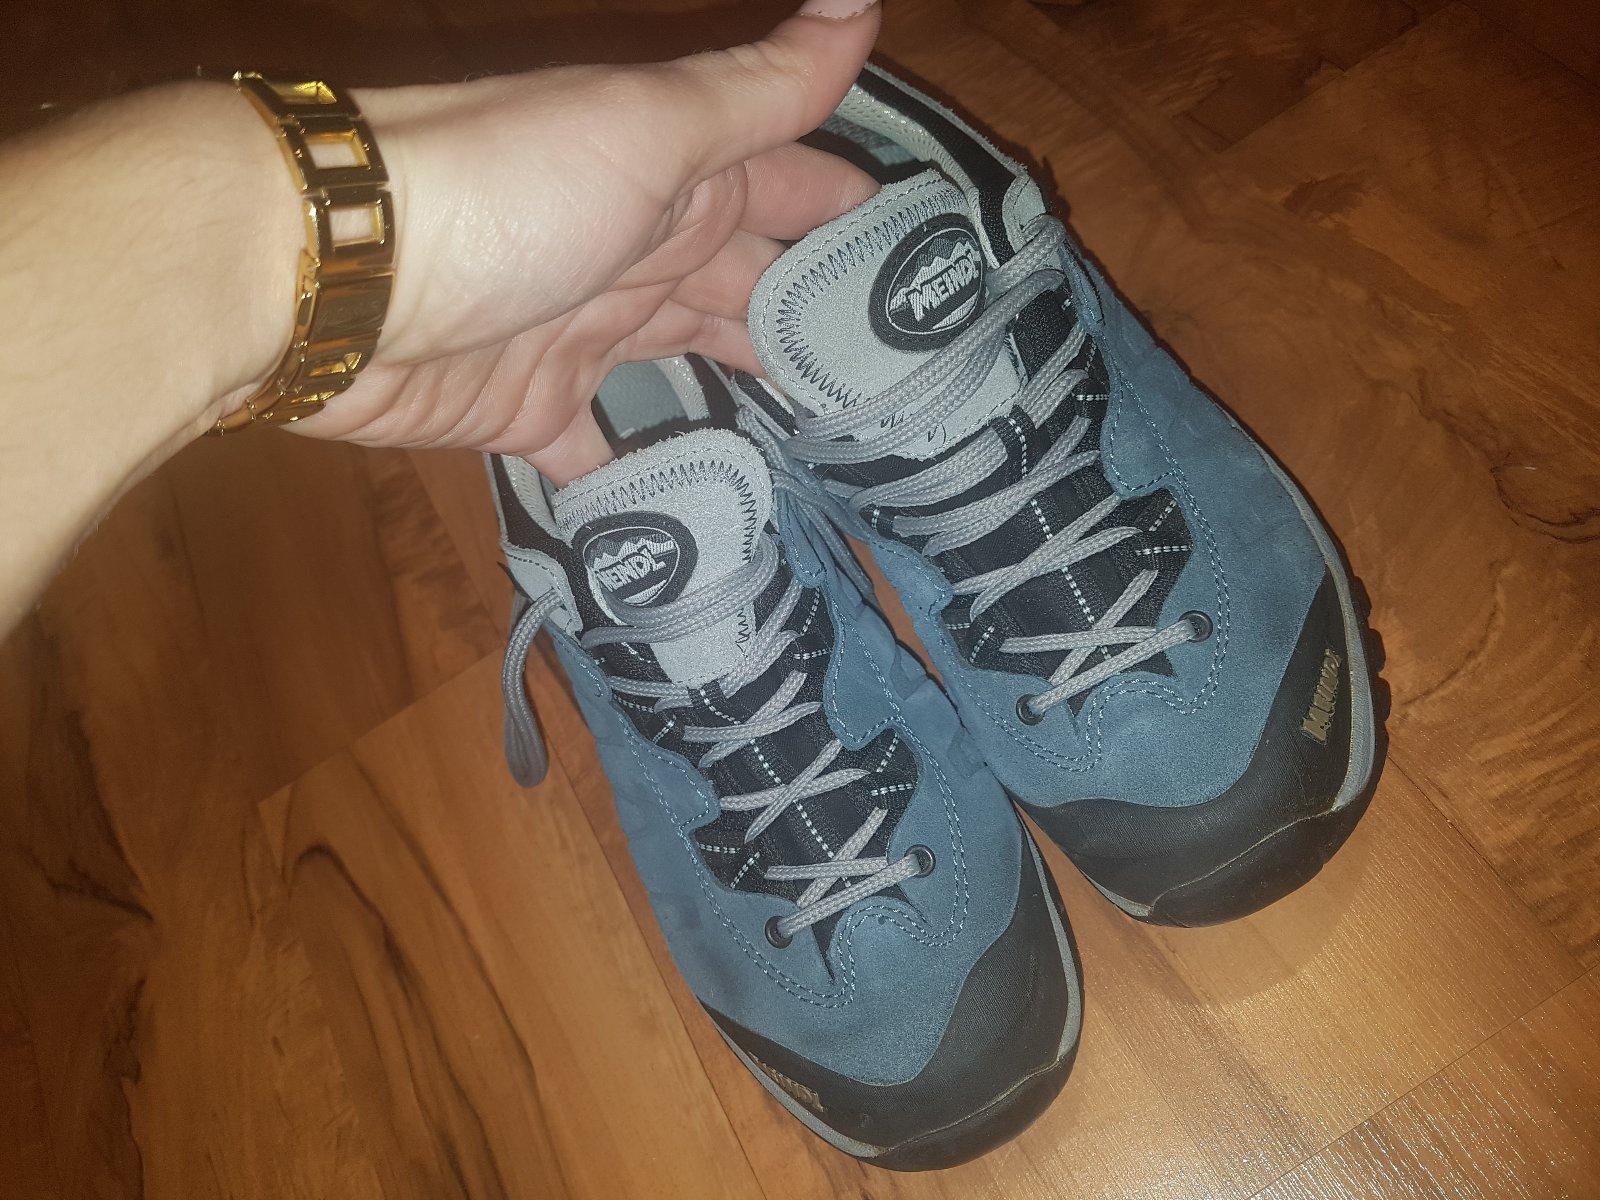 Damska obuv meindl 38 9869638981f